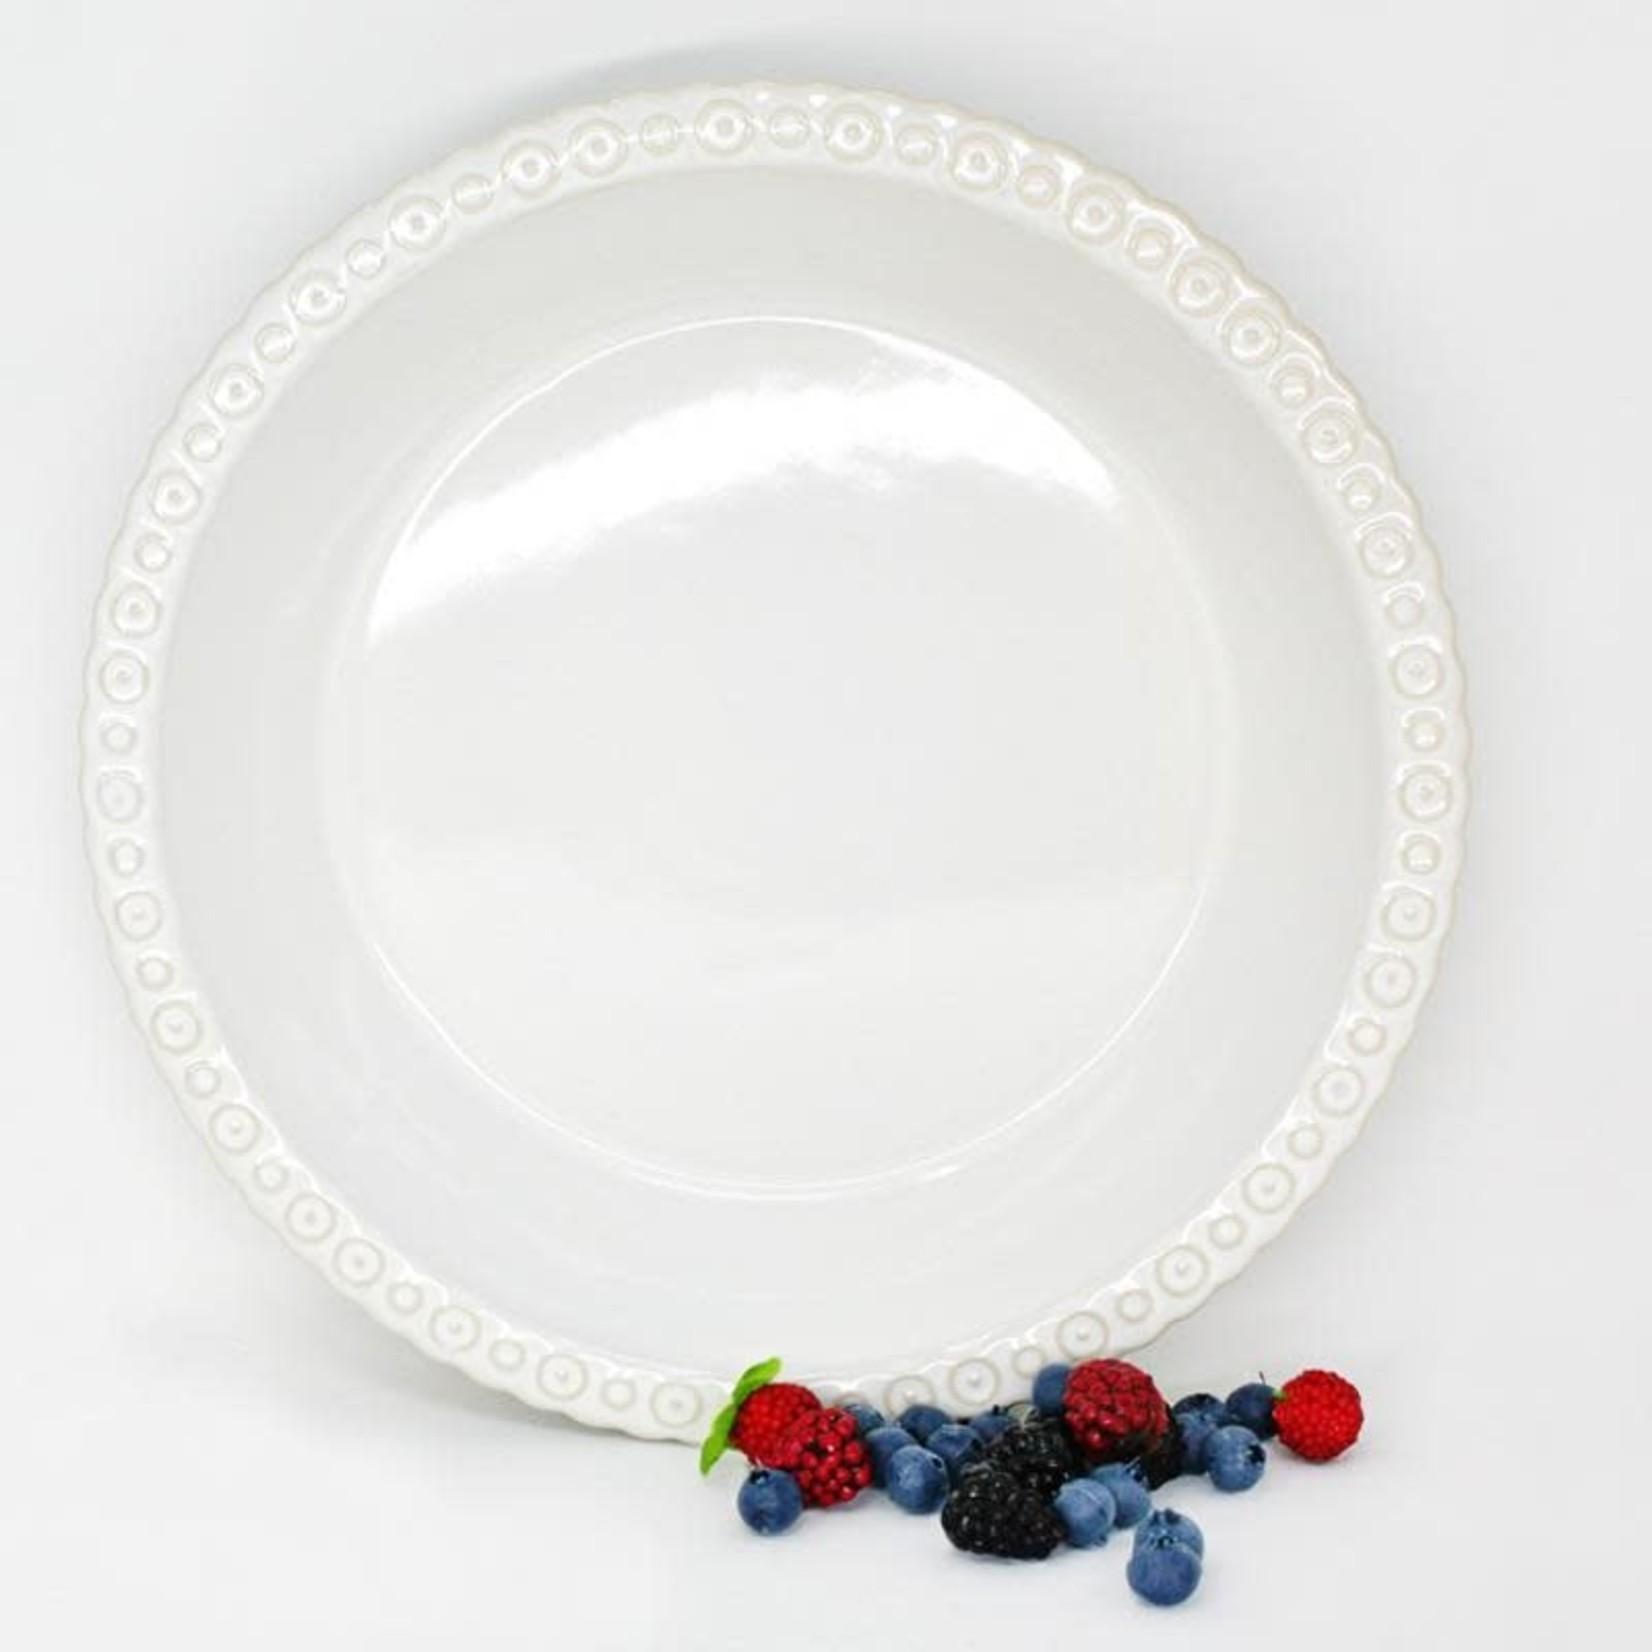 Le Petit Four Pie Dish